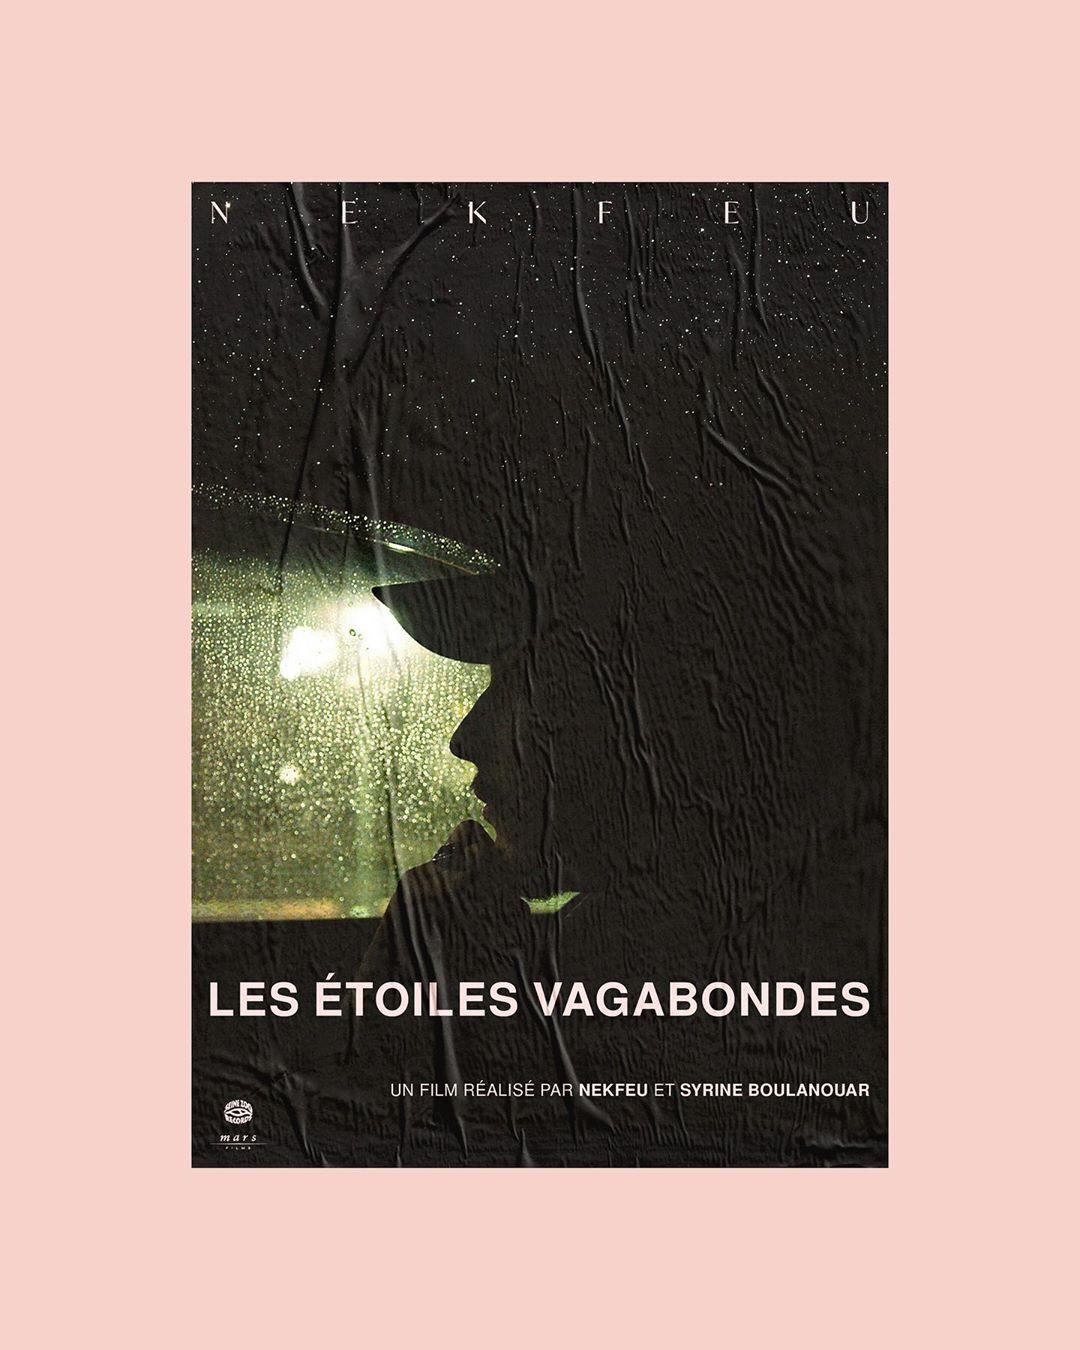 """Affiche du film """"Les étoiles vagabondes"""" de Nekfeu"""